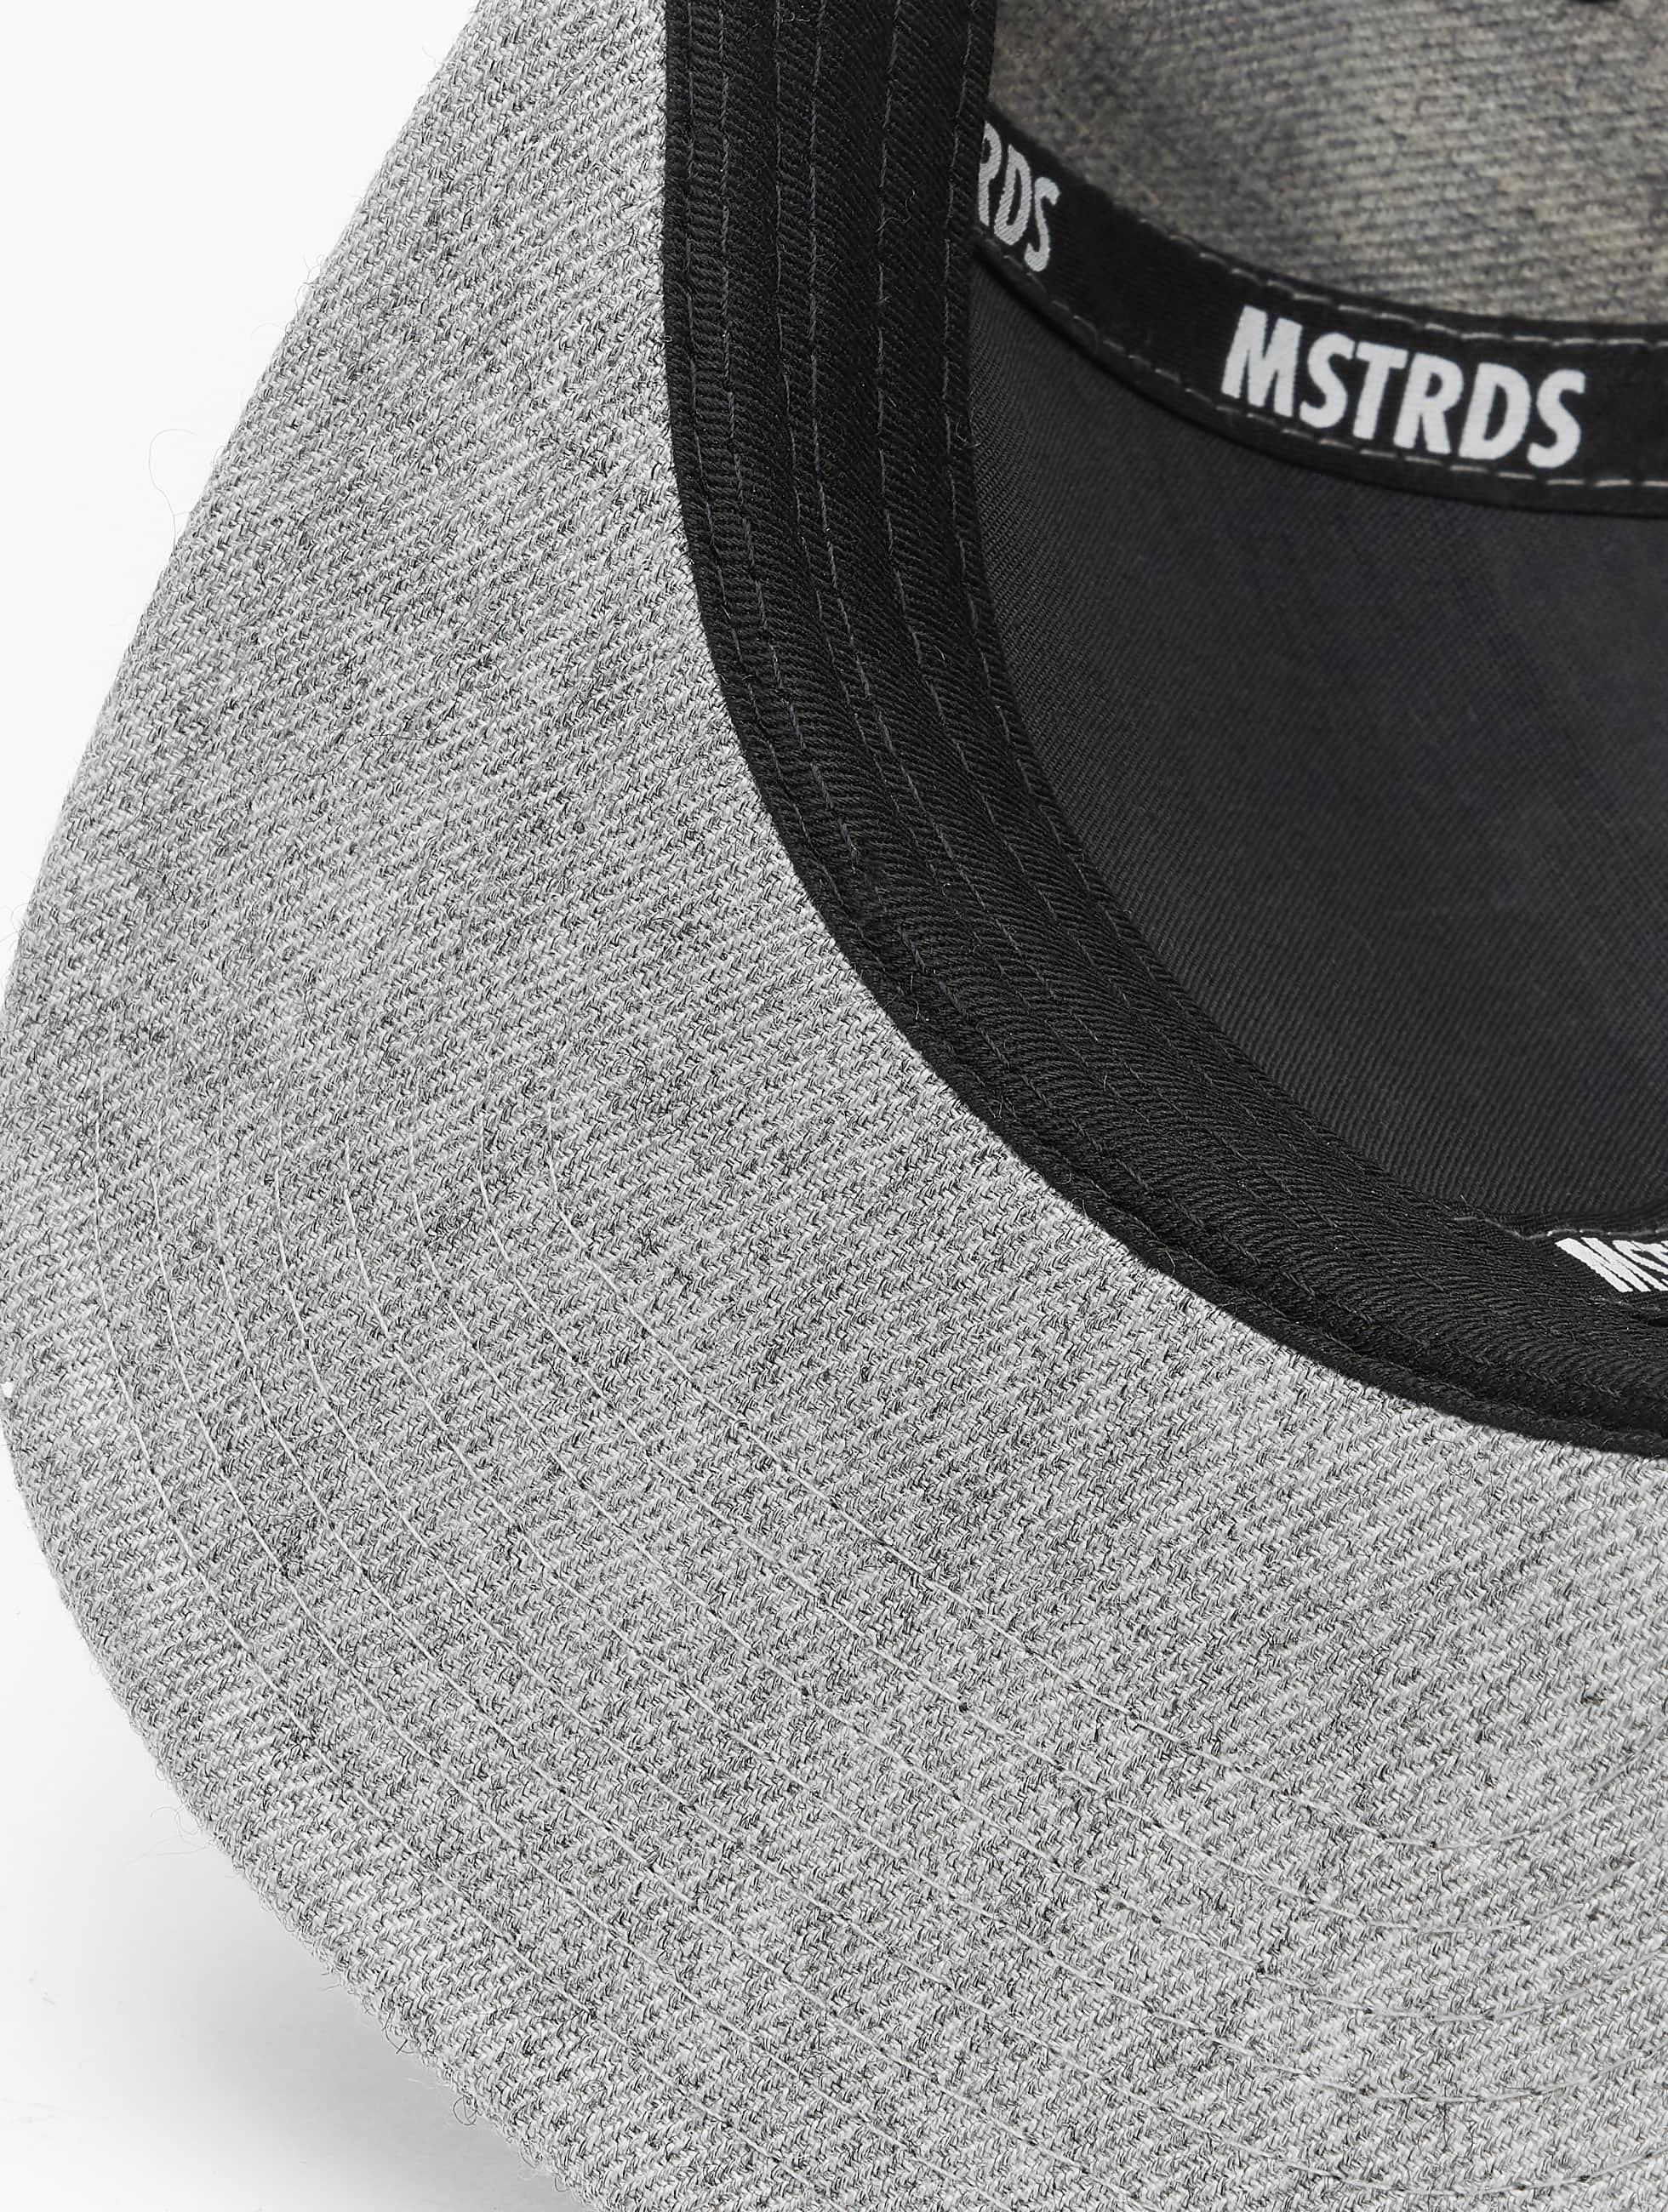 MSTRDS Casquette Snapback & Strapback T Letter gris